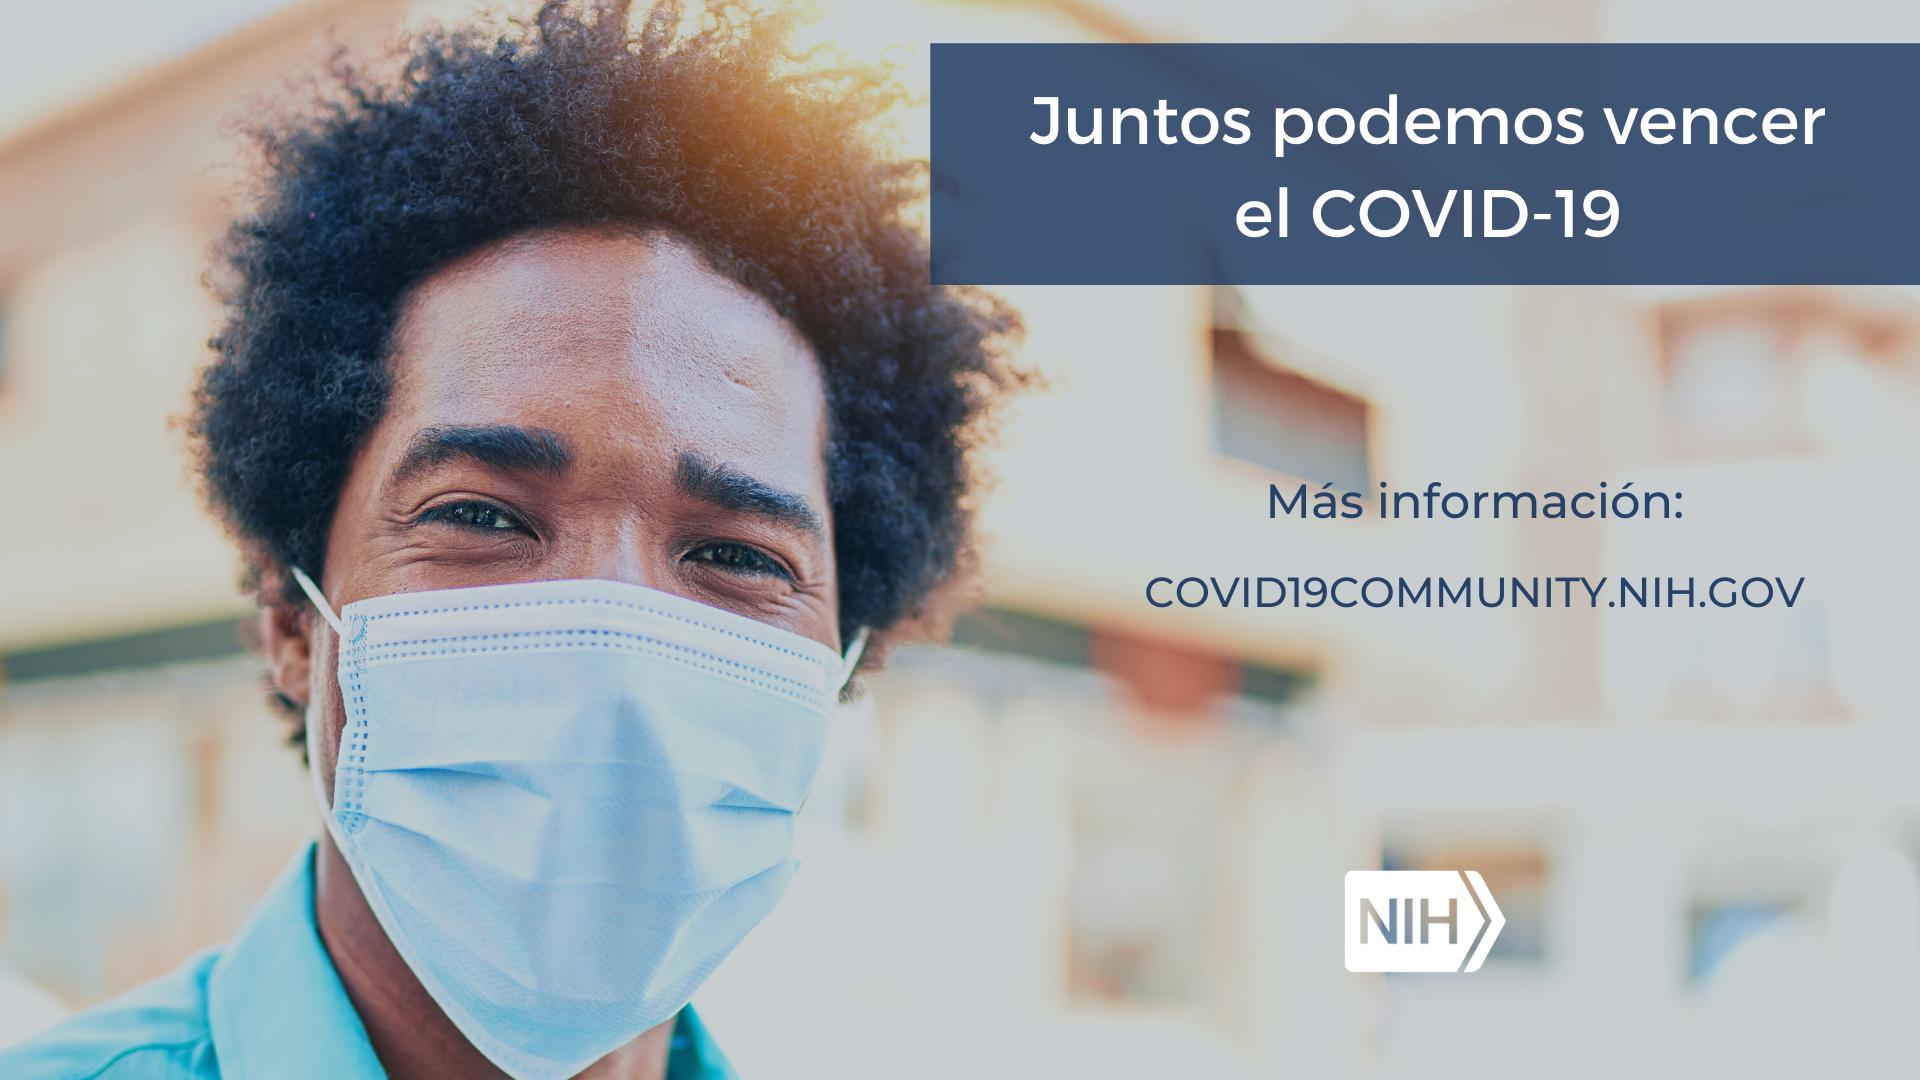 """Imagen de un hombre con tapaboca. La imagen dice: """"Juntos podemos vencer el COVID-19. Más información: covid19community.nih.gov"""""""